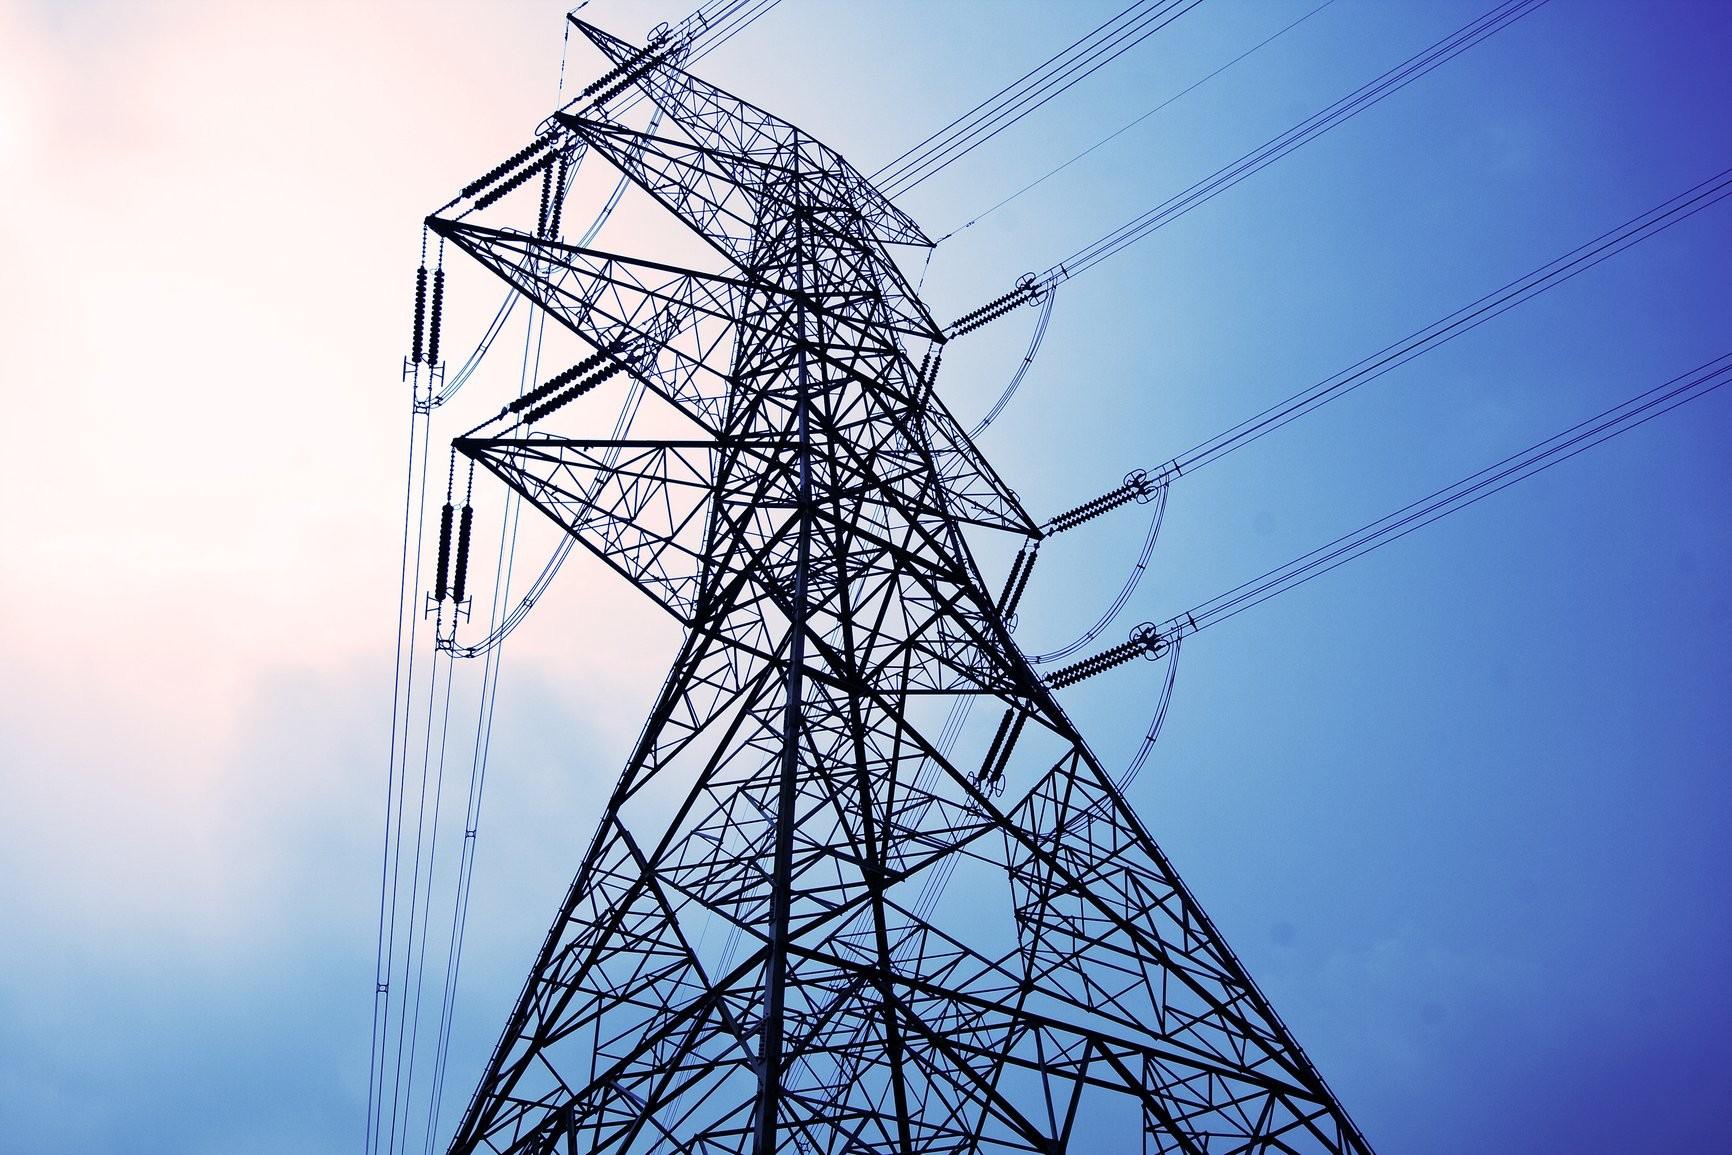 Россети Сибирь: внедряем цифровые решения для повышения качества электроснабжения